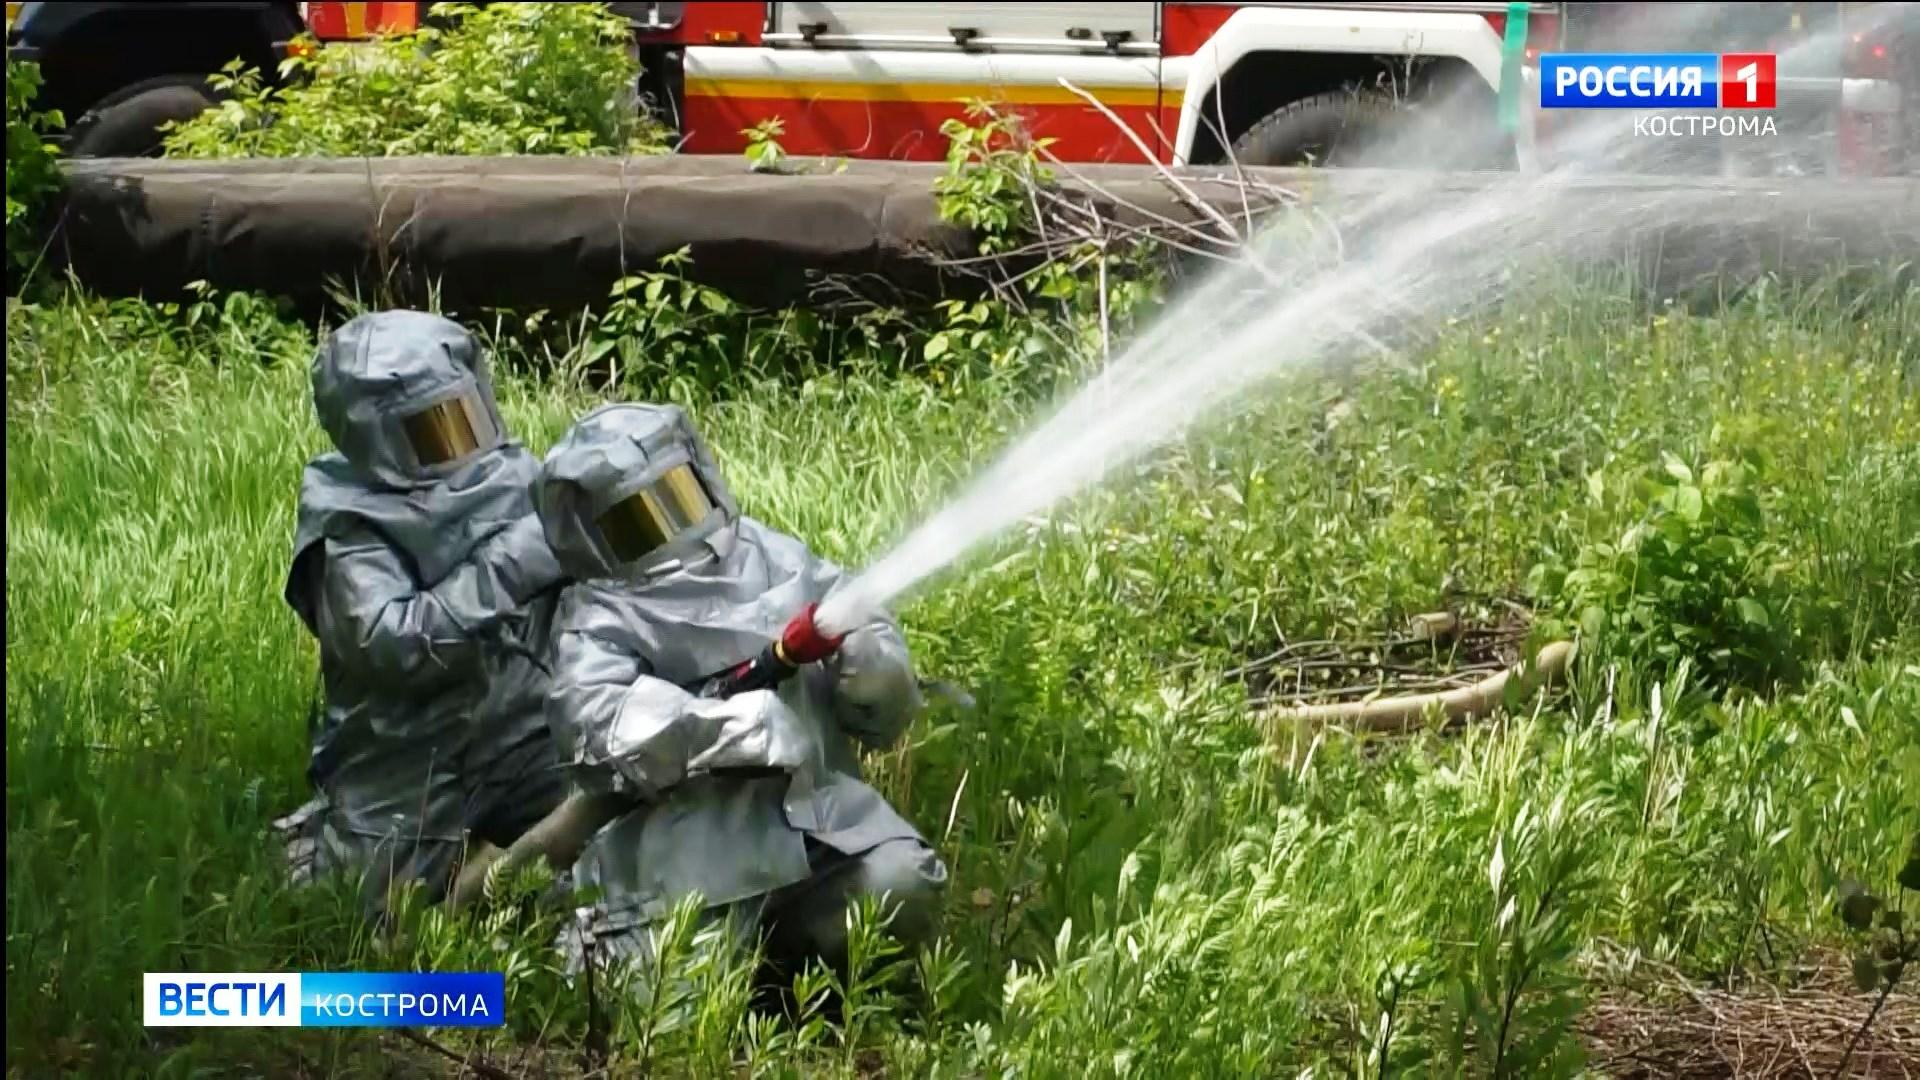 Вымышленный пожар на ж/д вокзале в Костроме засыпали «Пургой»